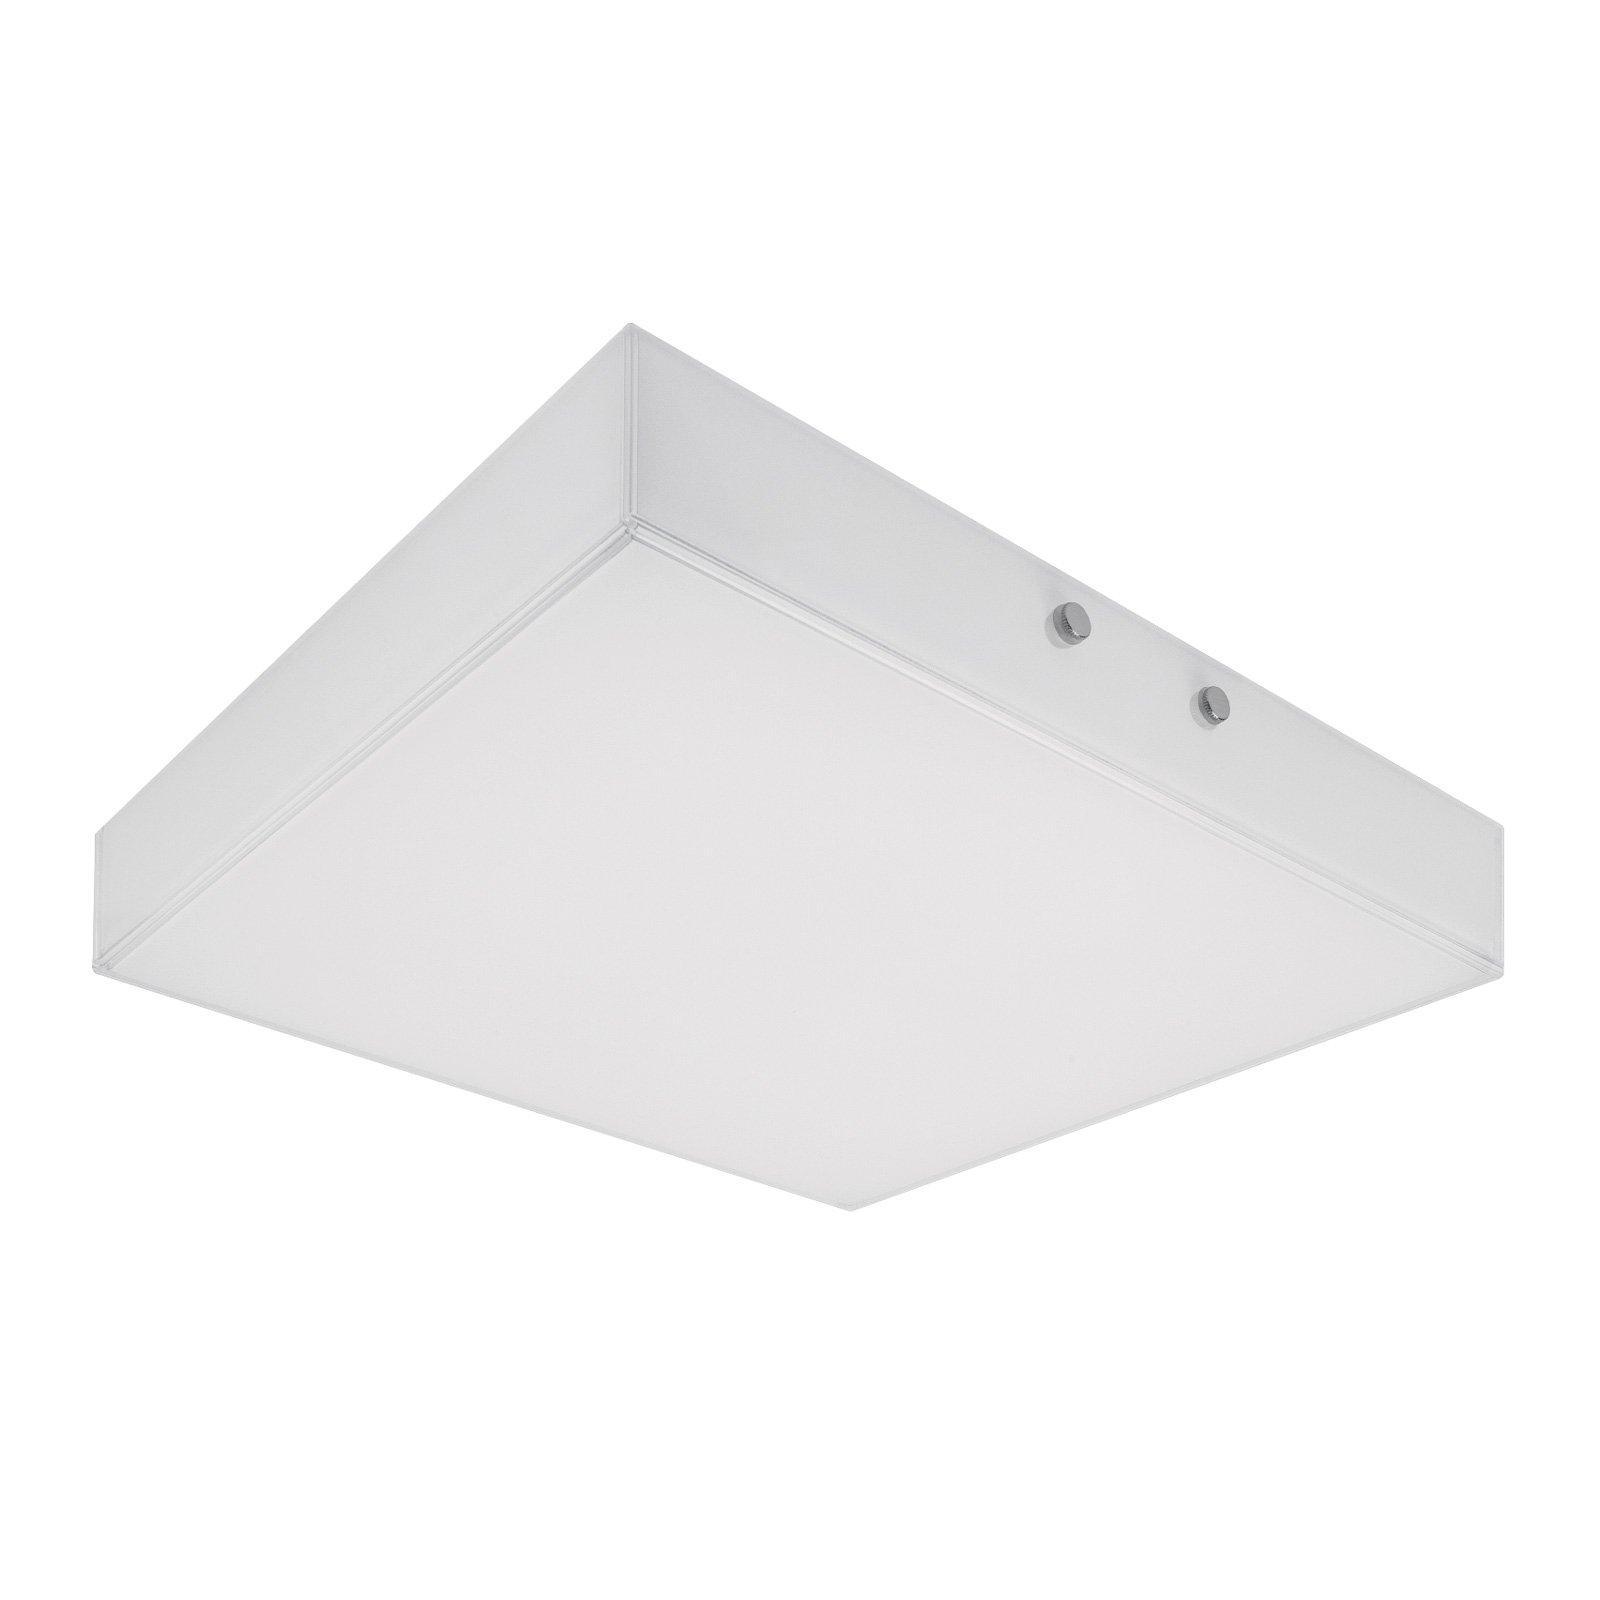 LEDVANCE Lunive Quadro taklampe 30 cm 3 000 K